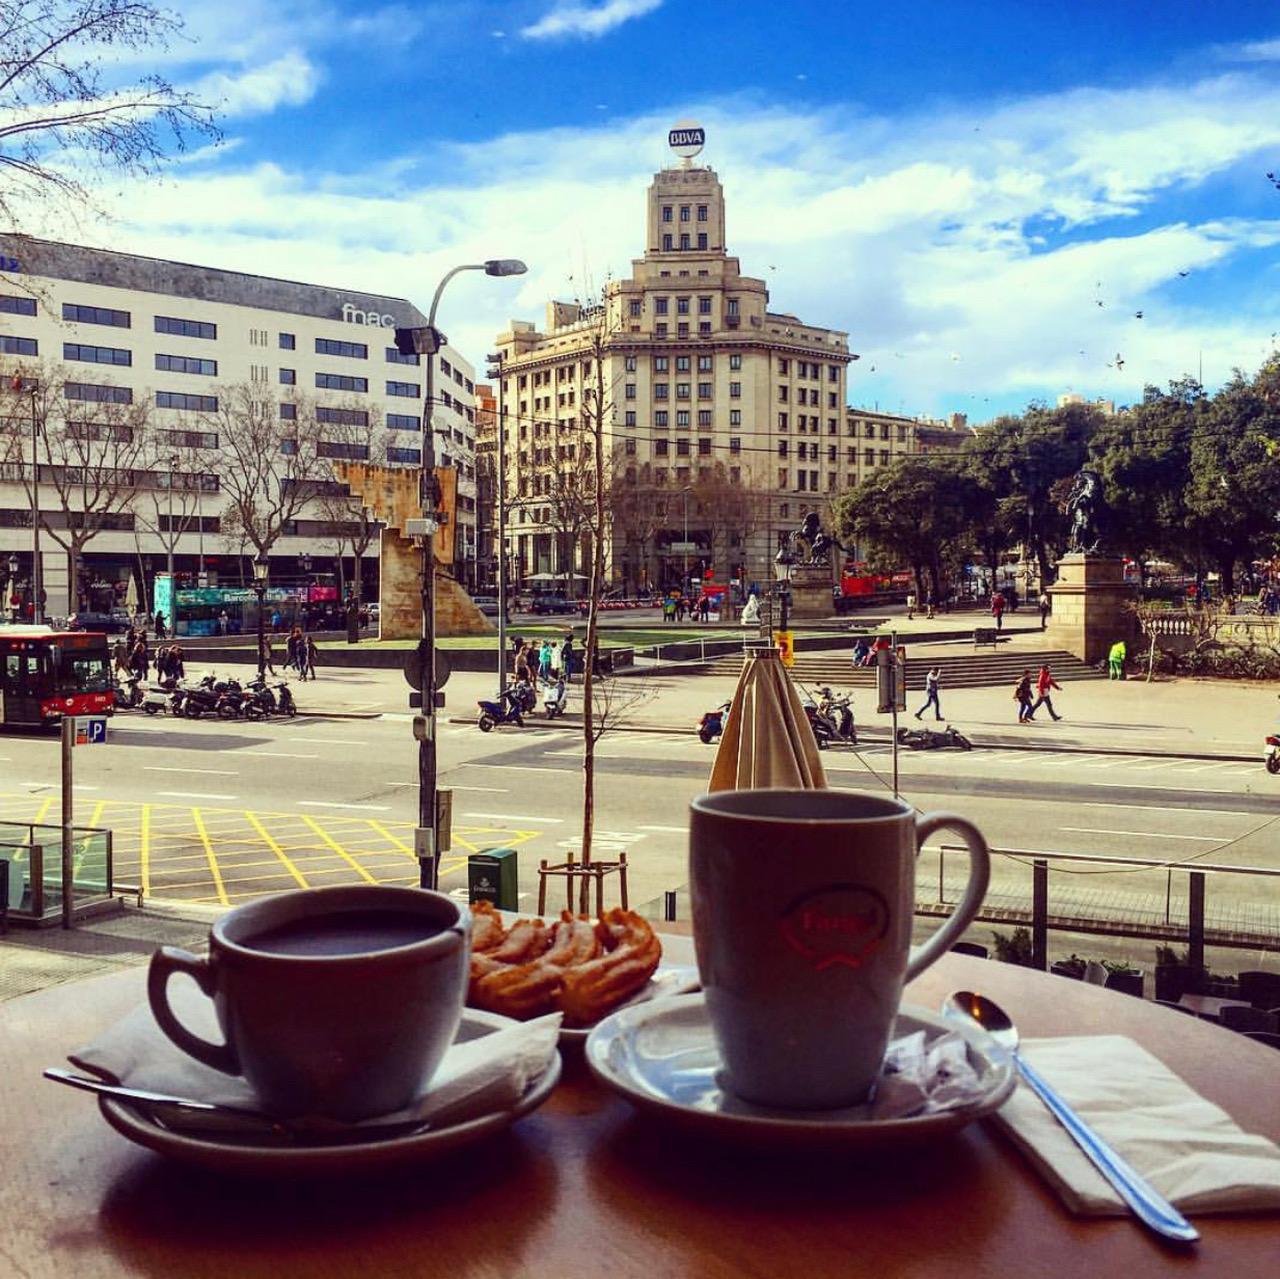 farggi-barcelona-plaza-catalunya